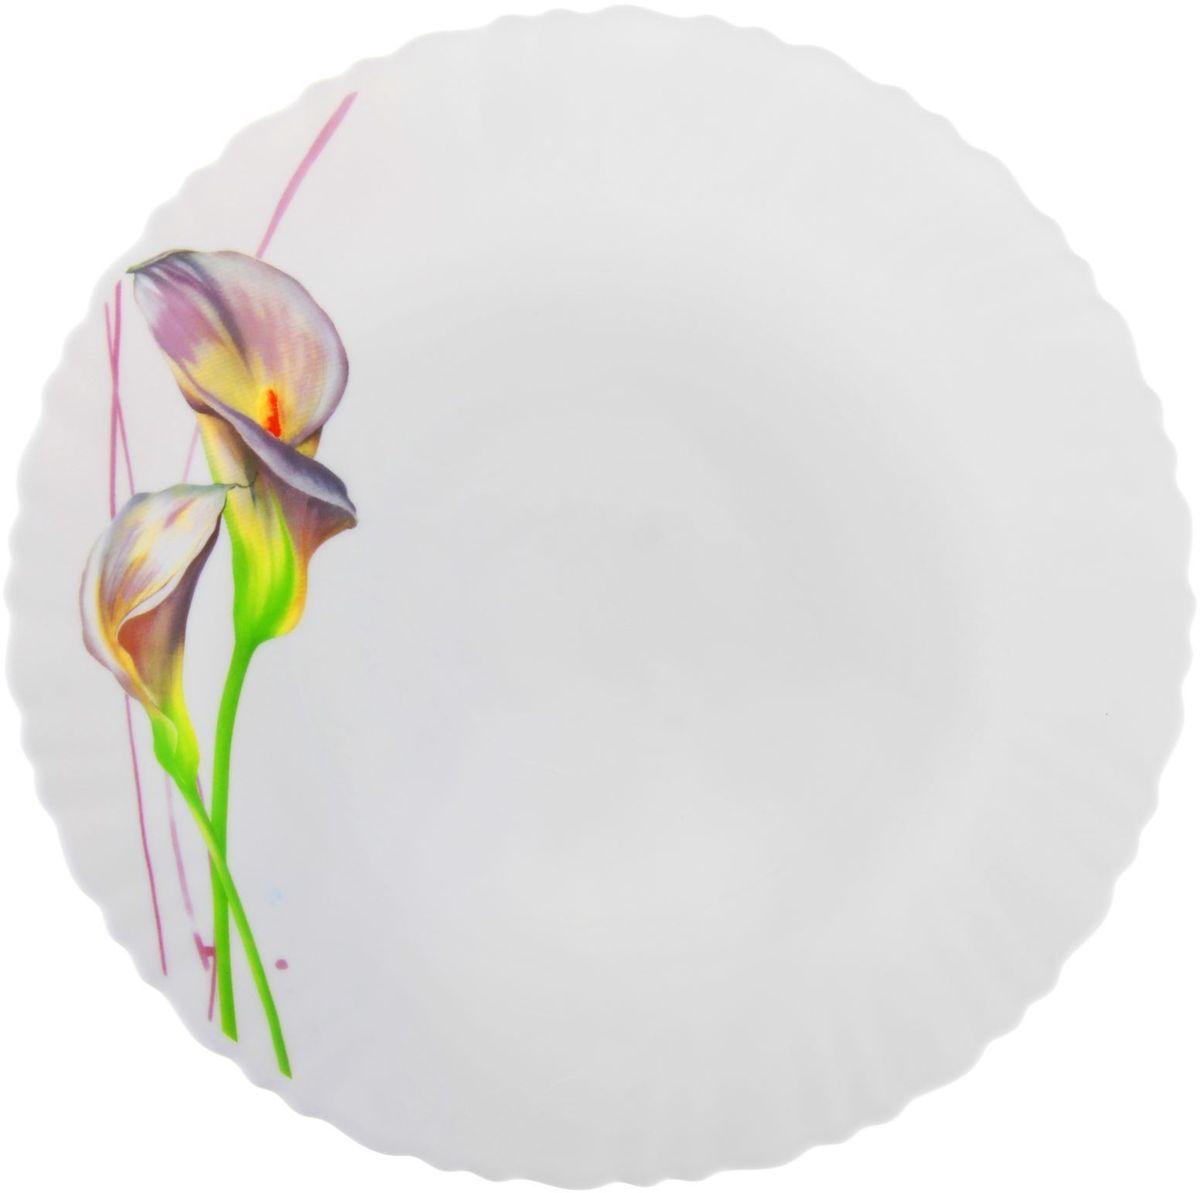 Тарелка обеденная Доляна Дивные каллы, диаметр 26 см1152122Тарелка Доляна с природными мотивами в оформлении разнообразит интерьер кухни и сделает застолье самобытным и запоминающимся. Качественное стекло не впитывает запахов, гладкая поверхность обеспечивает легкость мытья.Делайте любимый дом уютнее!Рекомендуется избегать использования абразивных моющих средств.